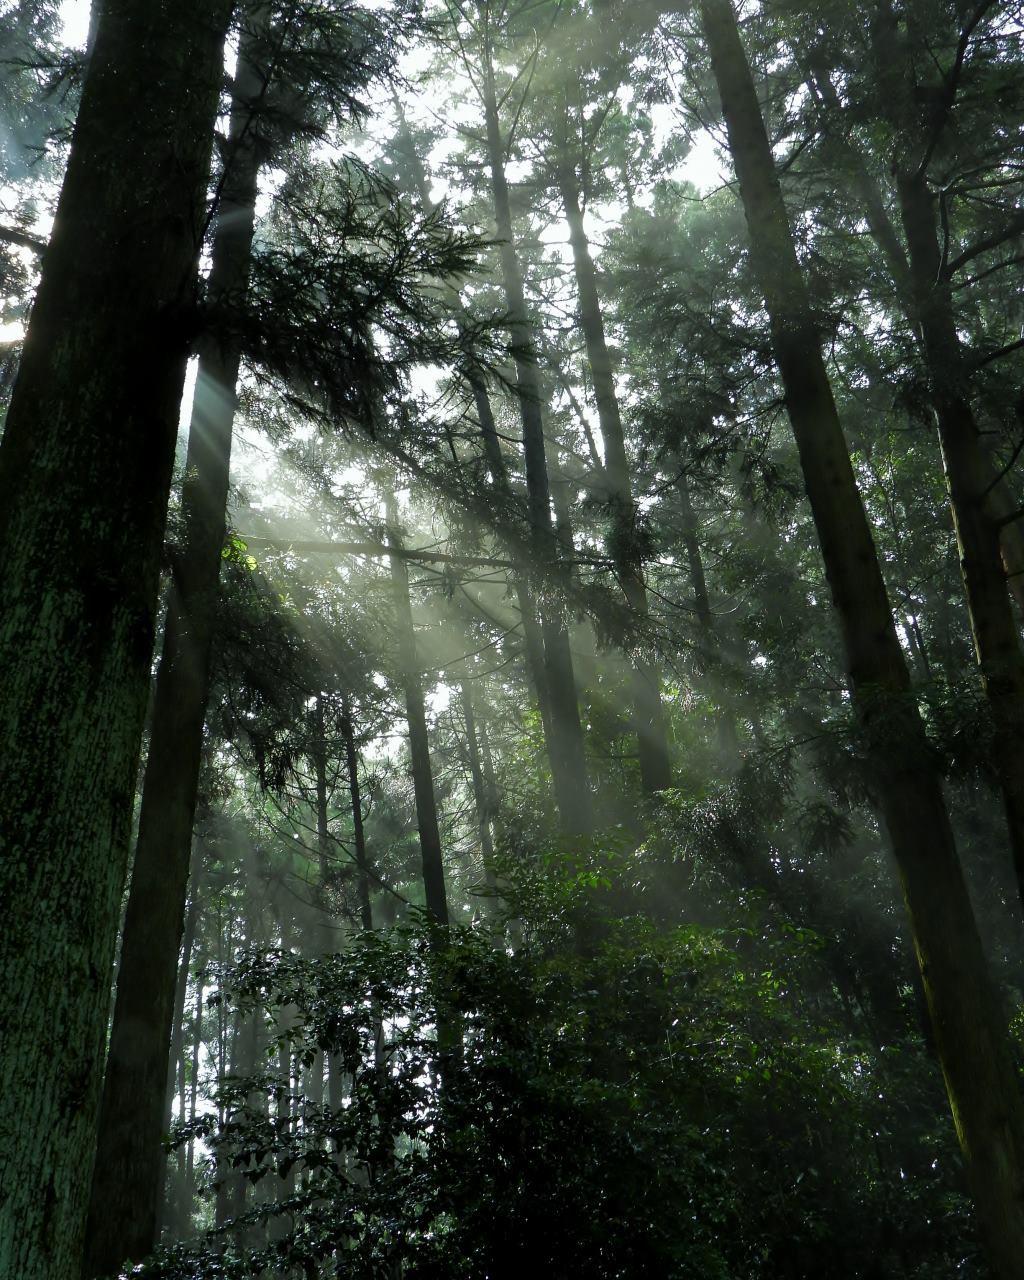 箕輪城跡で 通り雨と雨上がり_c0305565_17291444.jpg